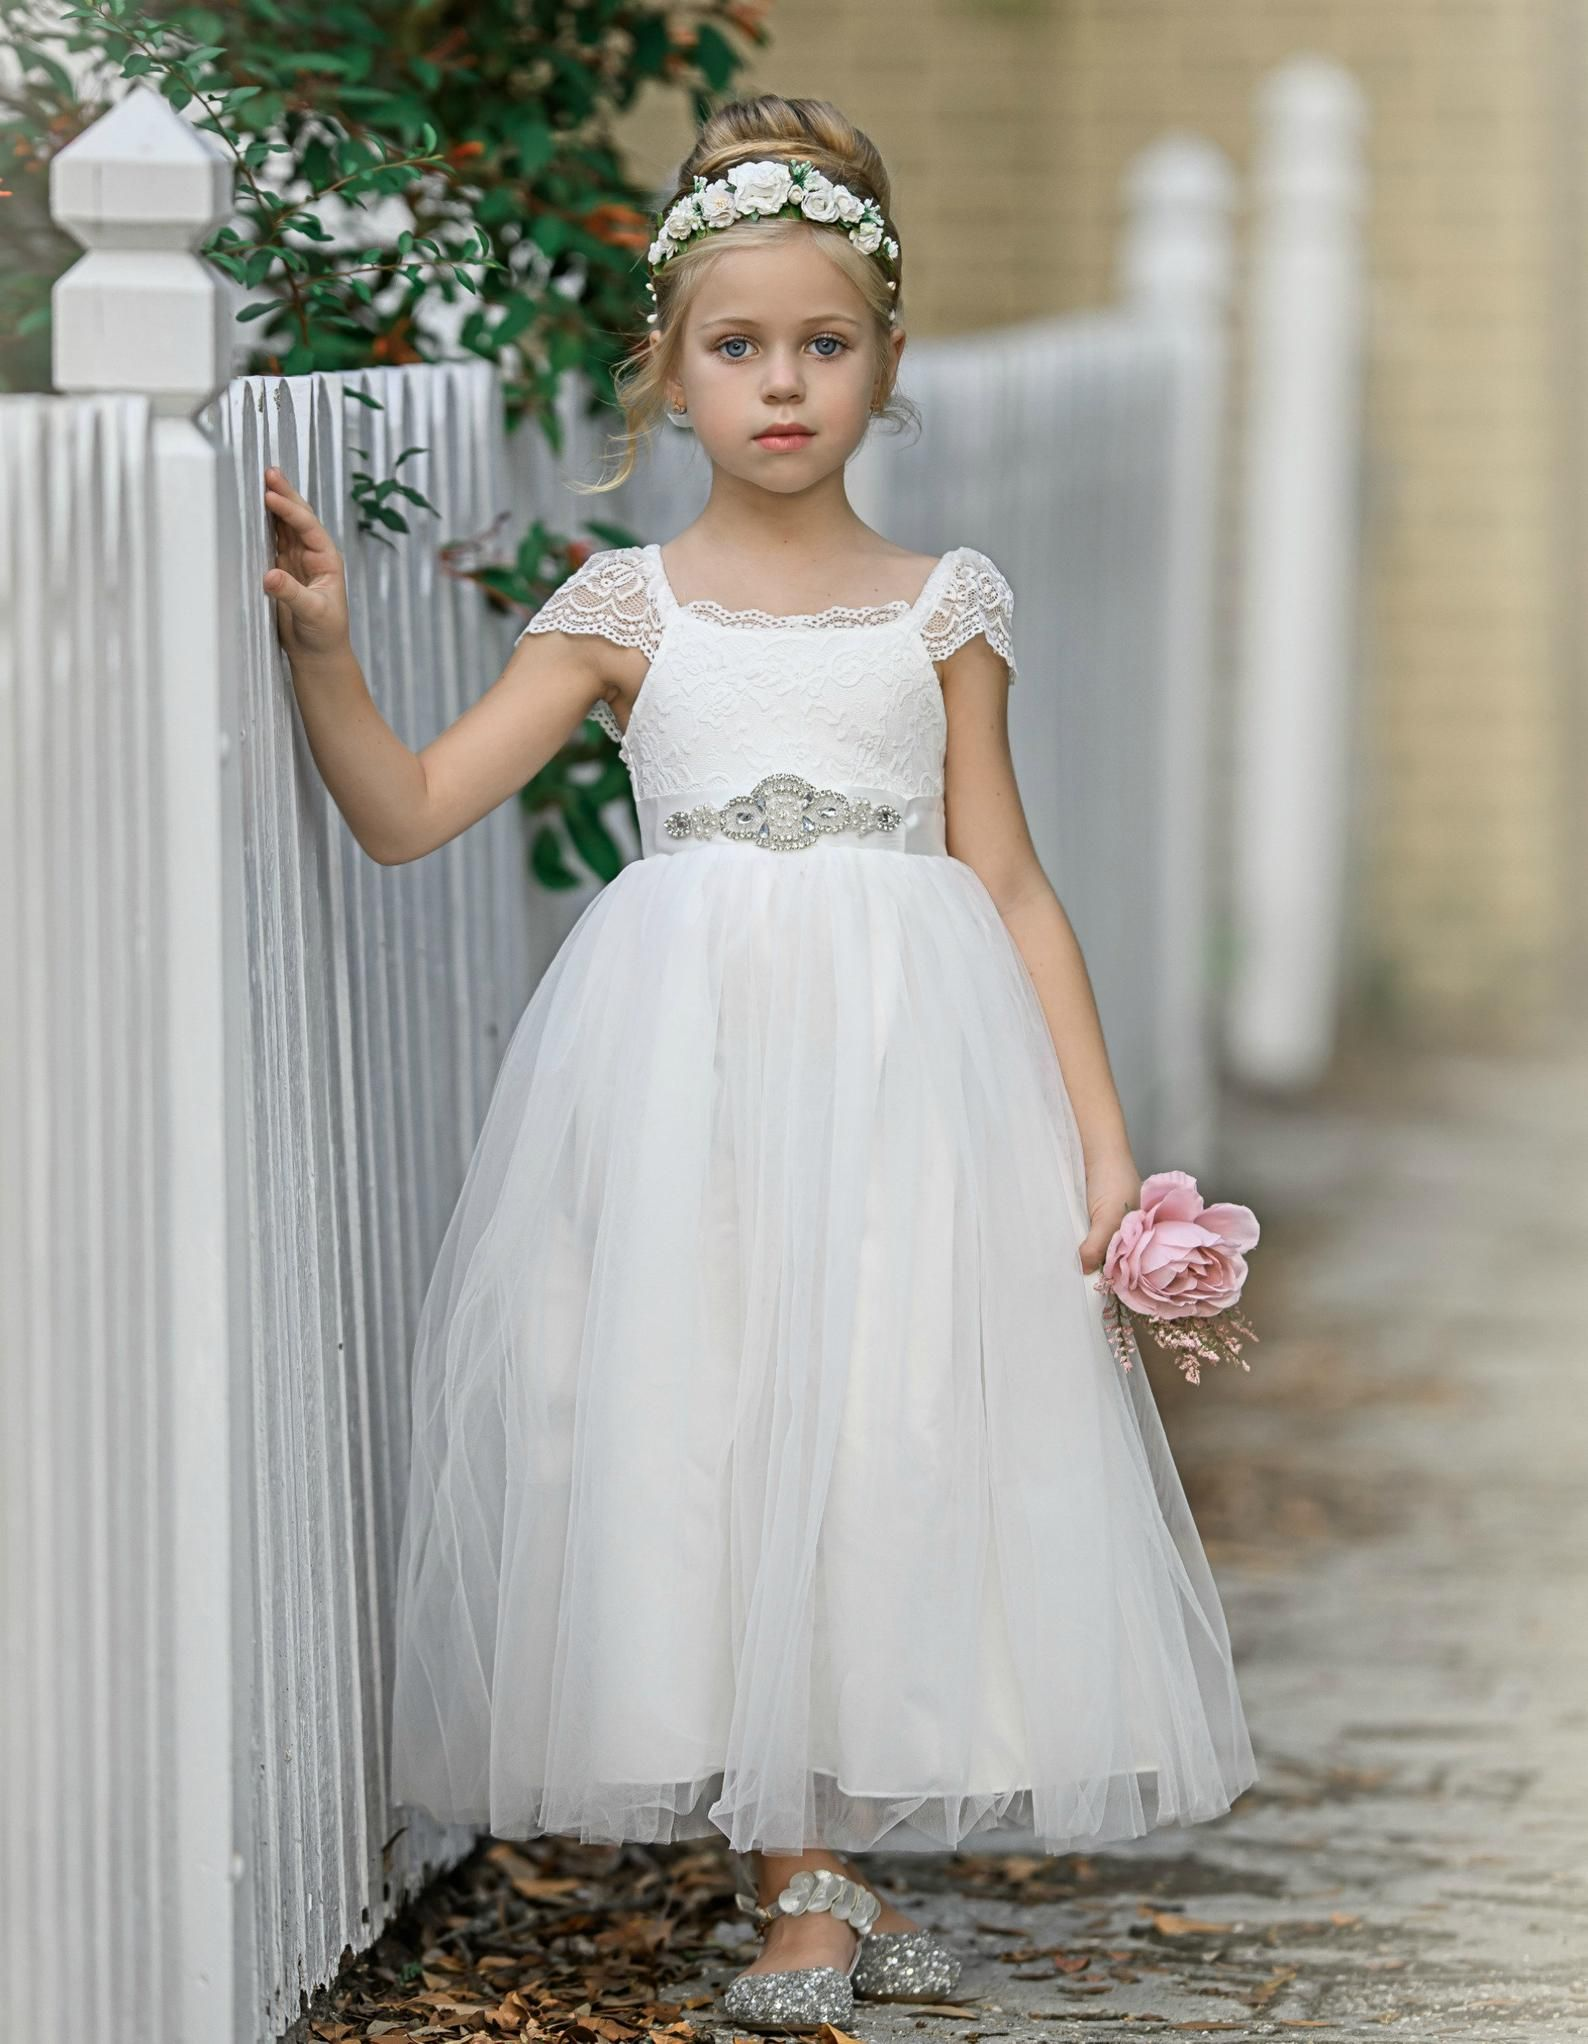 Flower Girl Dress Flower Girl Dresses Off White Lace Dress Etsy In 2021 Flower Girl Dresses Off White Lace Dress Baby Lace Dress [ 2044 x 1588 Pixel ]